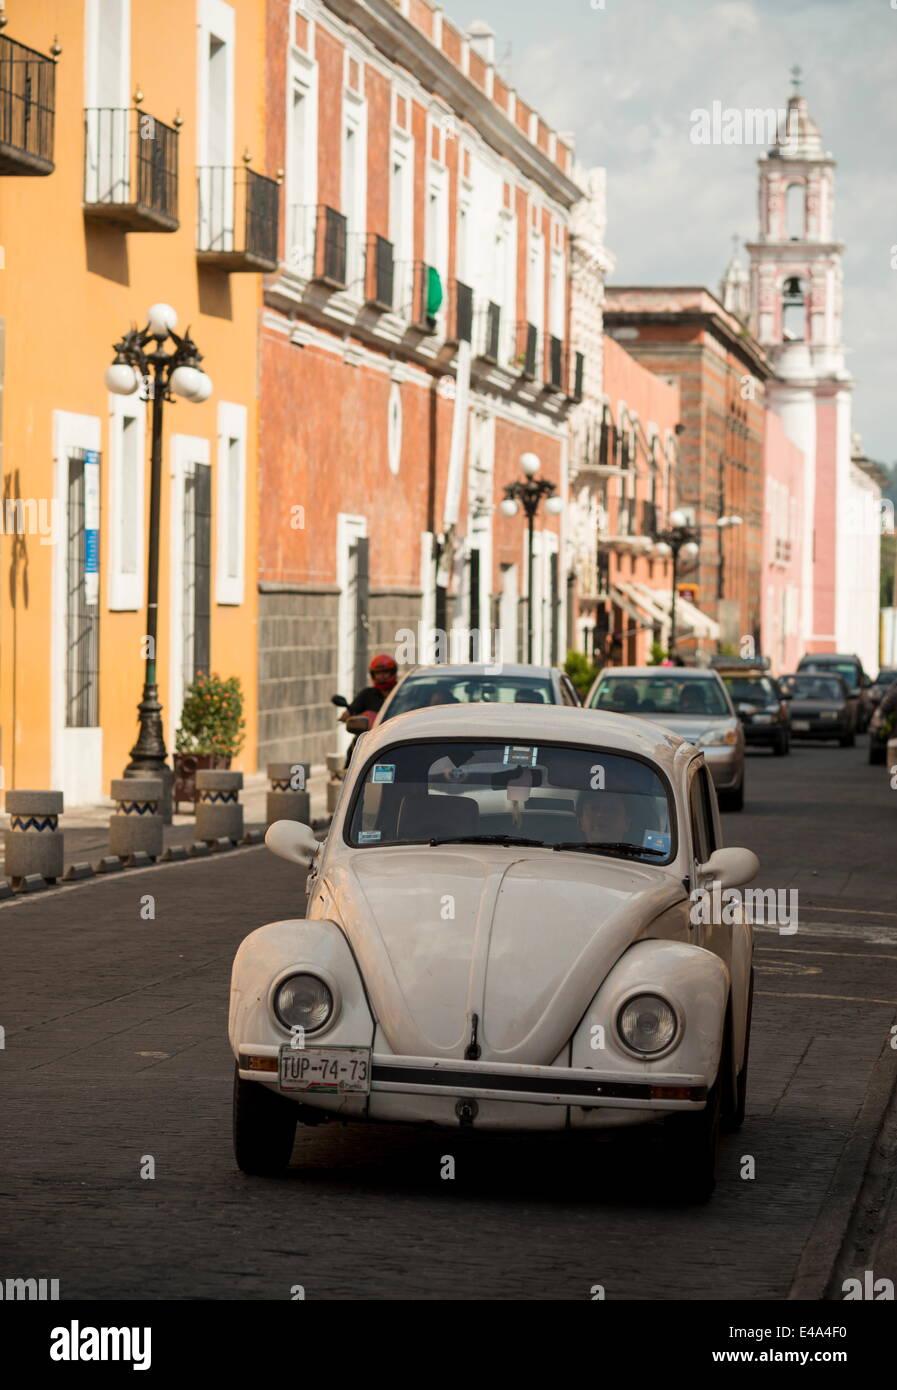 Street scene, Puebla City, Puebla, Mexico, North America - Stock Image